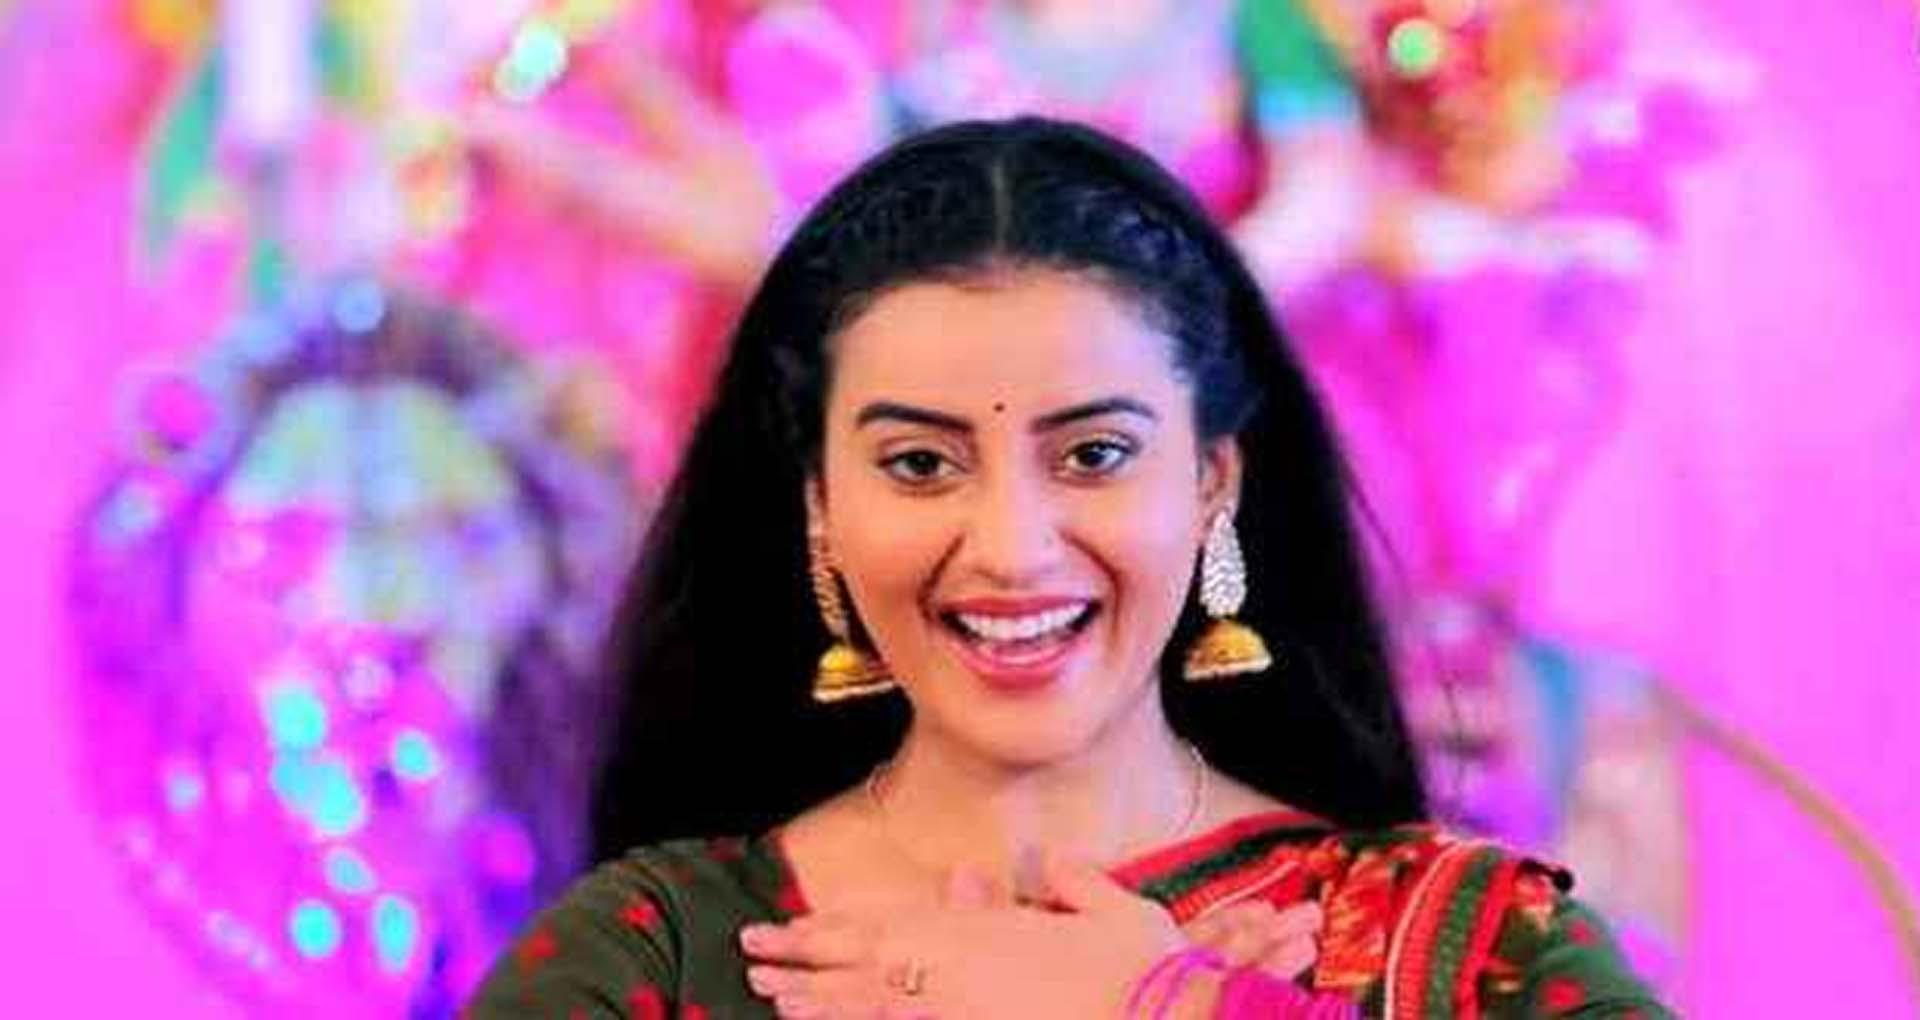 Akshara Singh Song: अक्षरा सिंह के नए देवी गीत 'निमिया के गछिया' ने मचाया धमाल! देखें Video